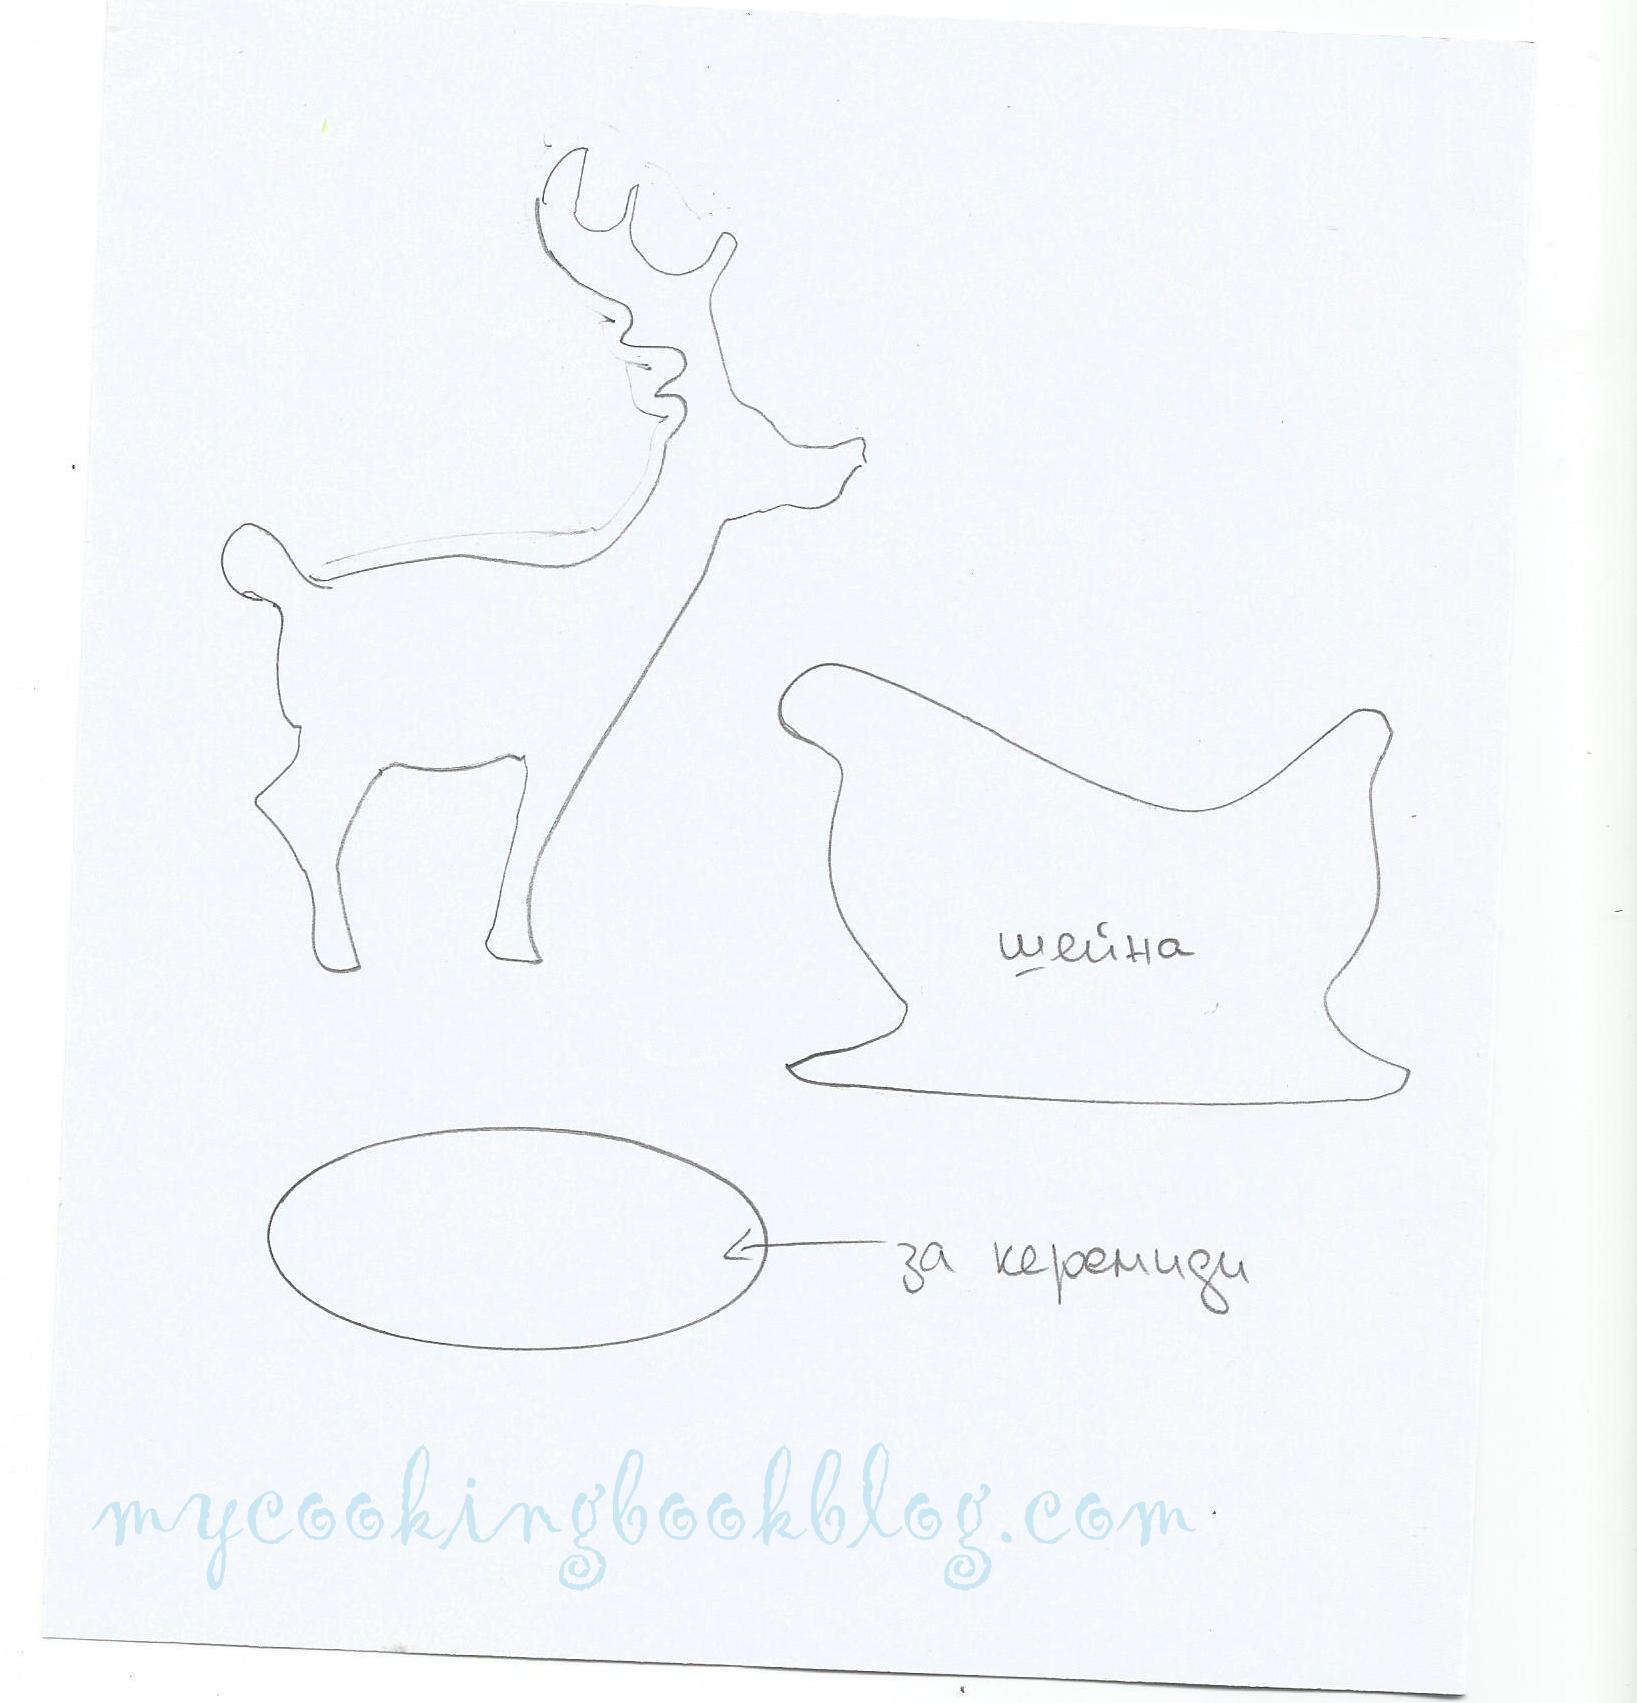 шаблон за шейна и елен